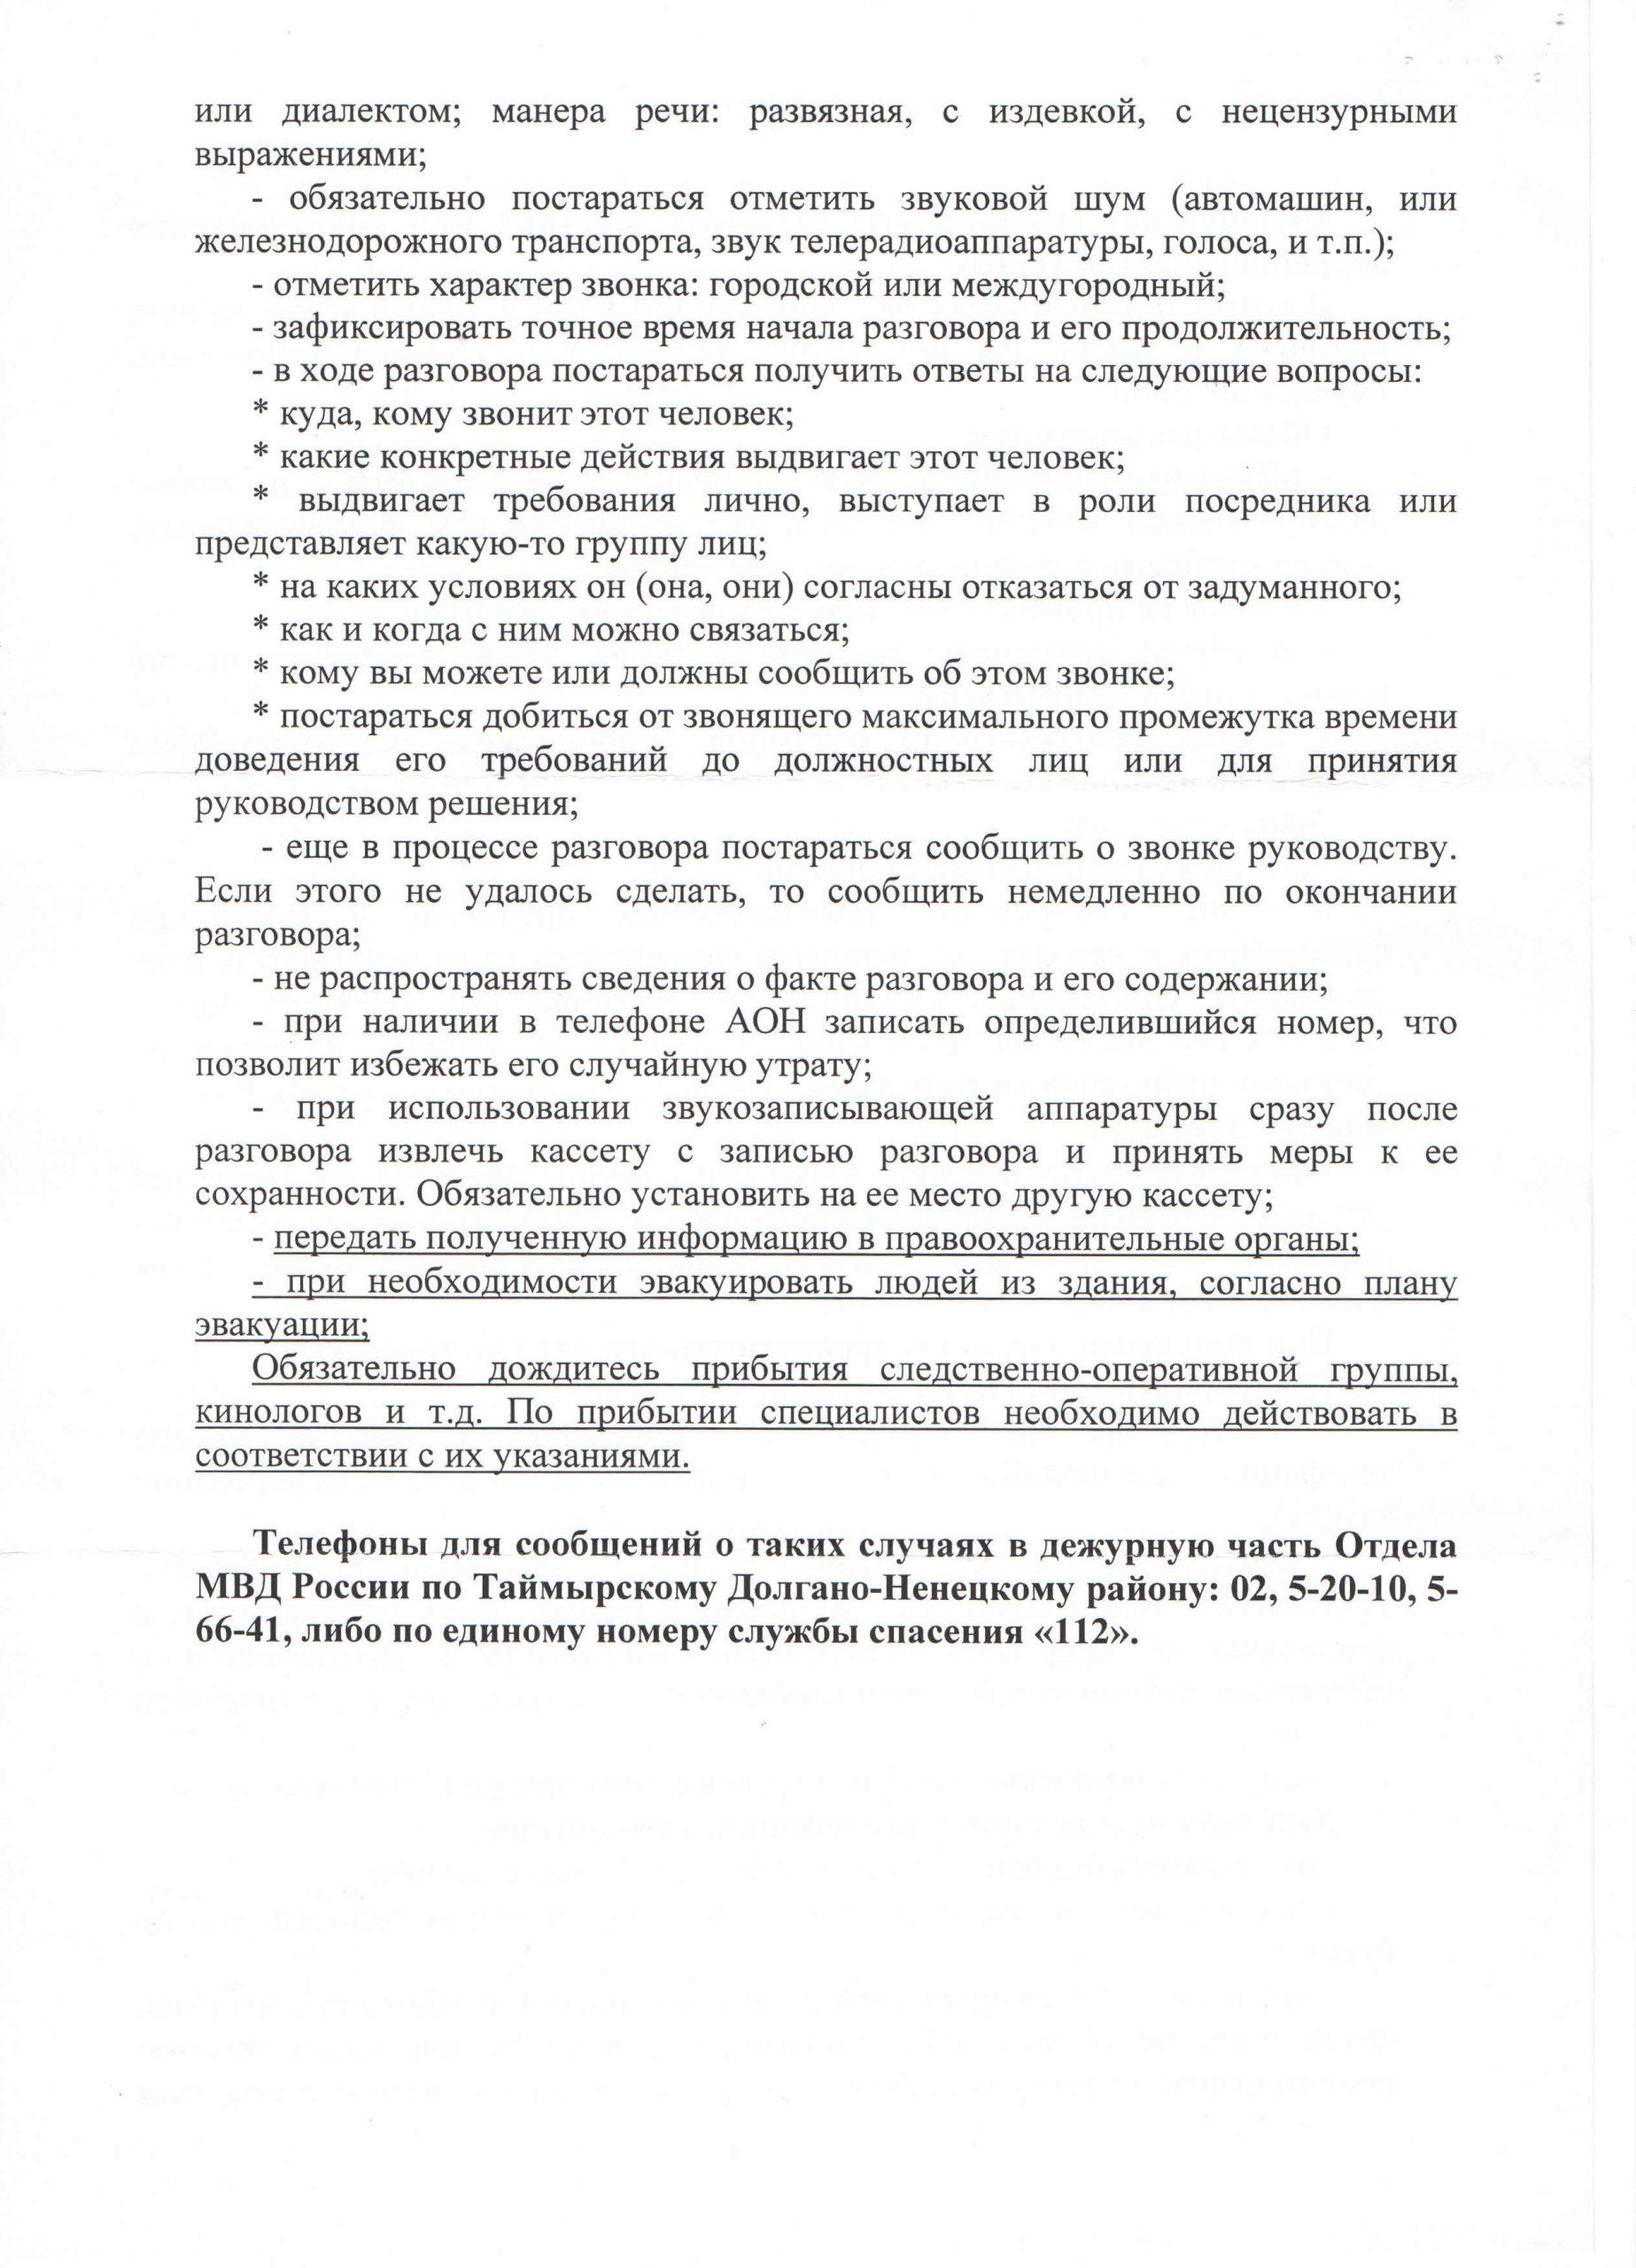 памятка-2